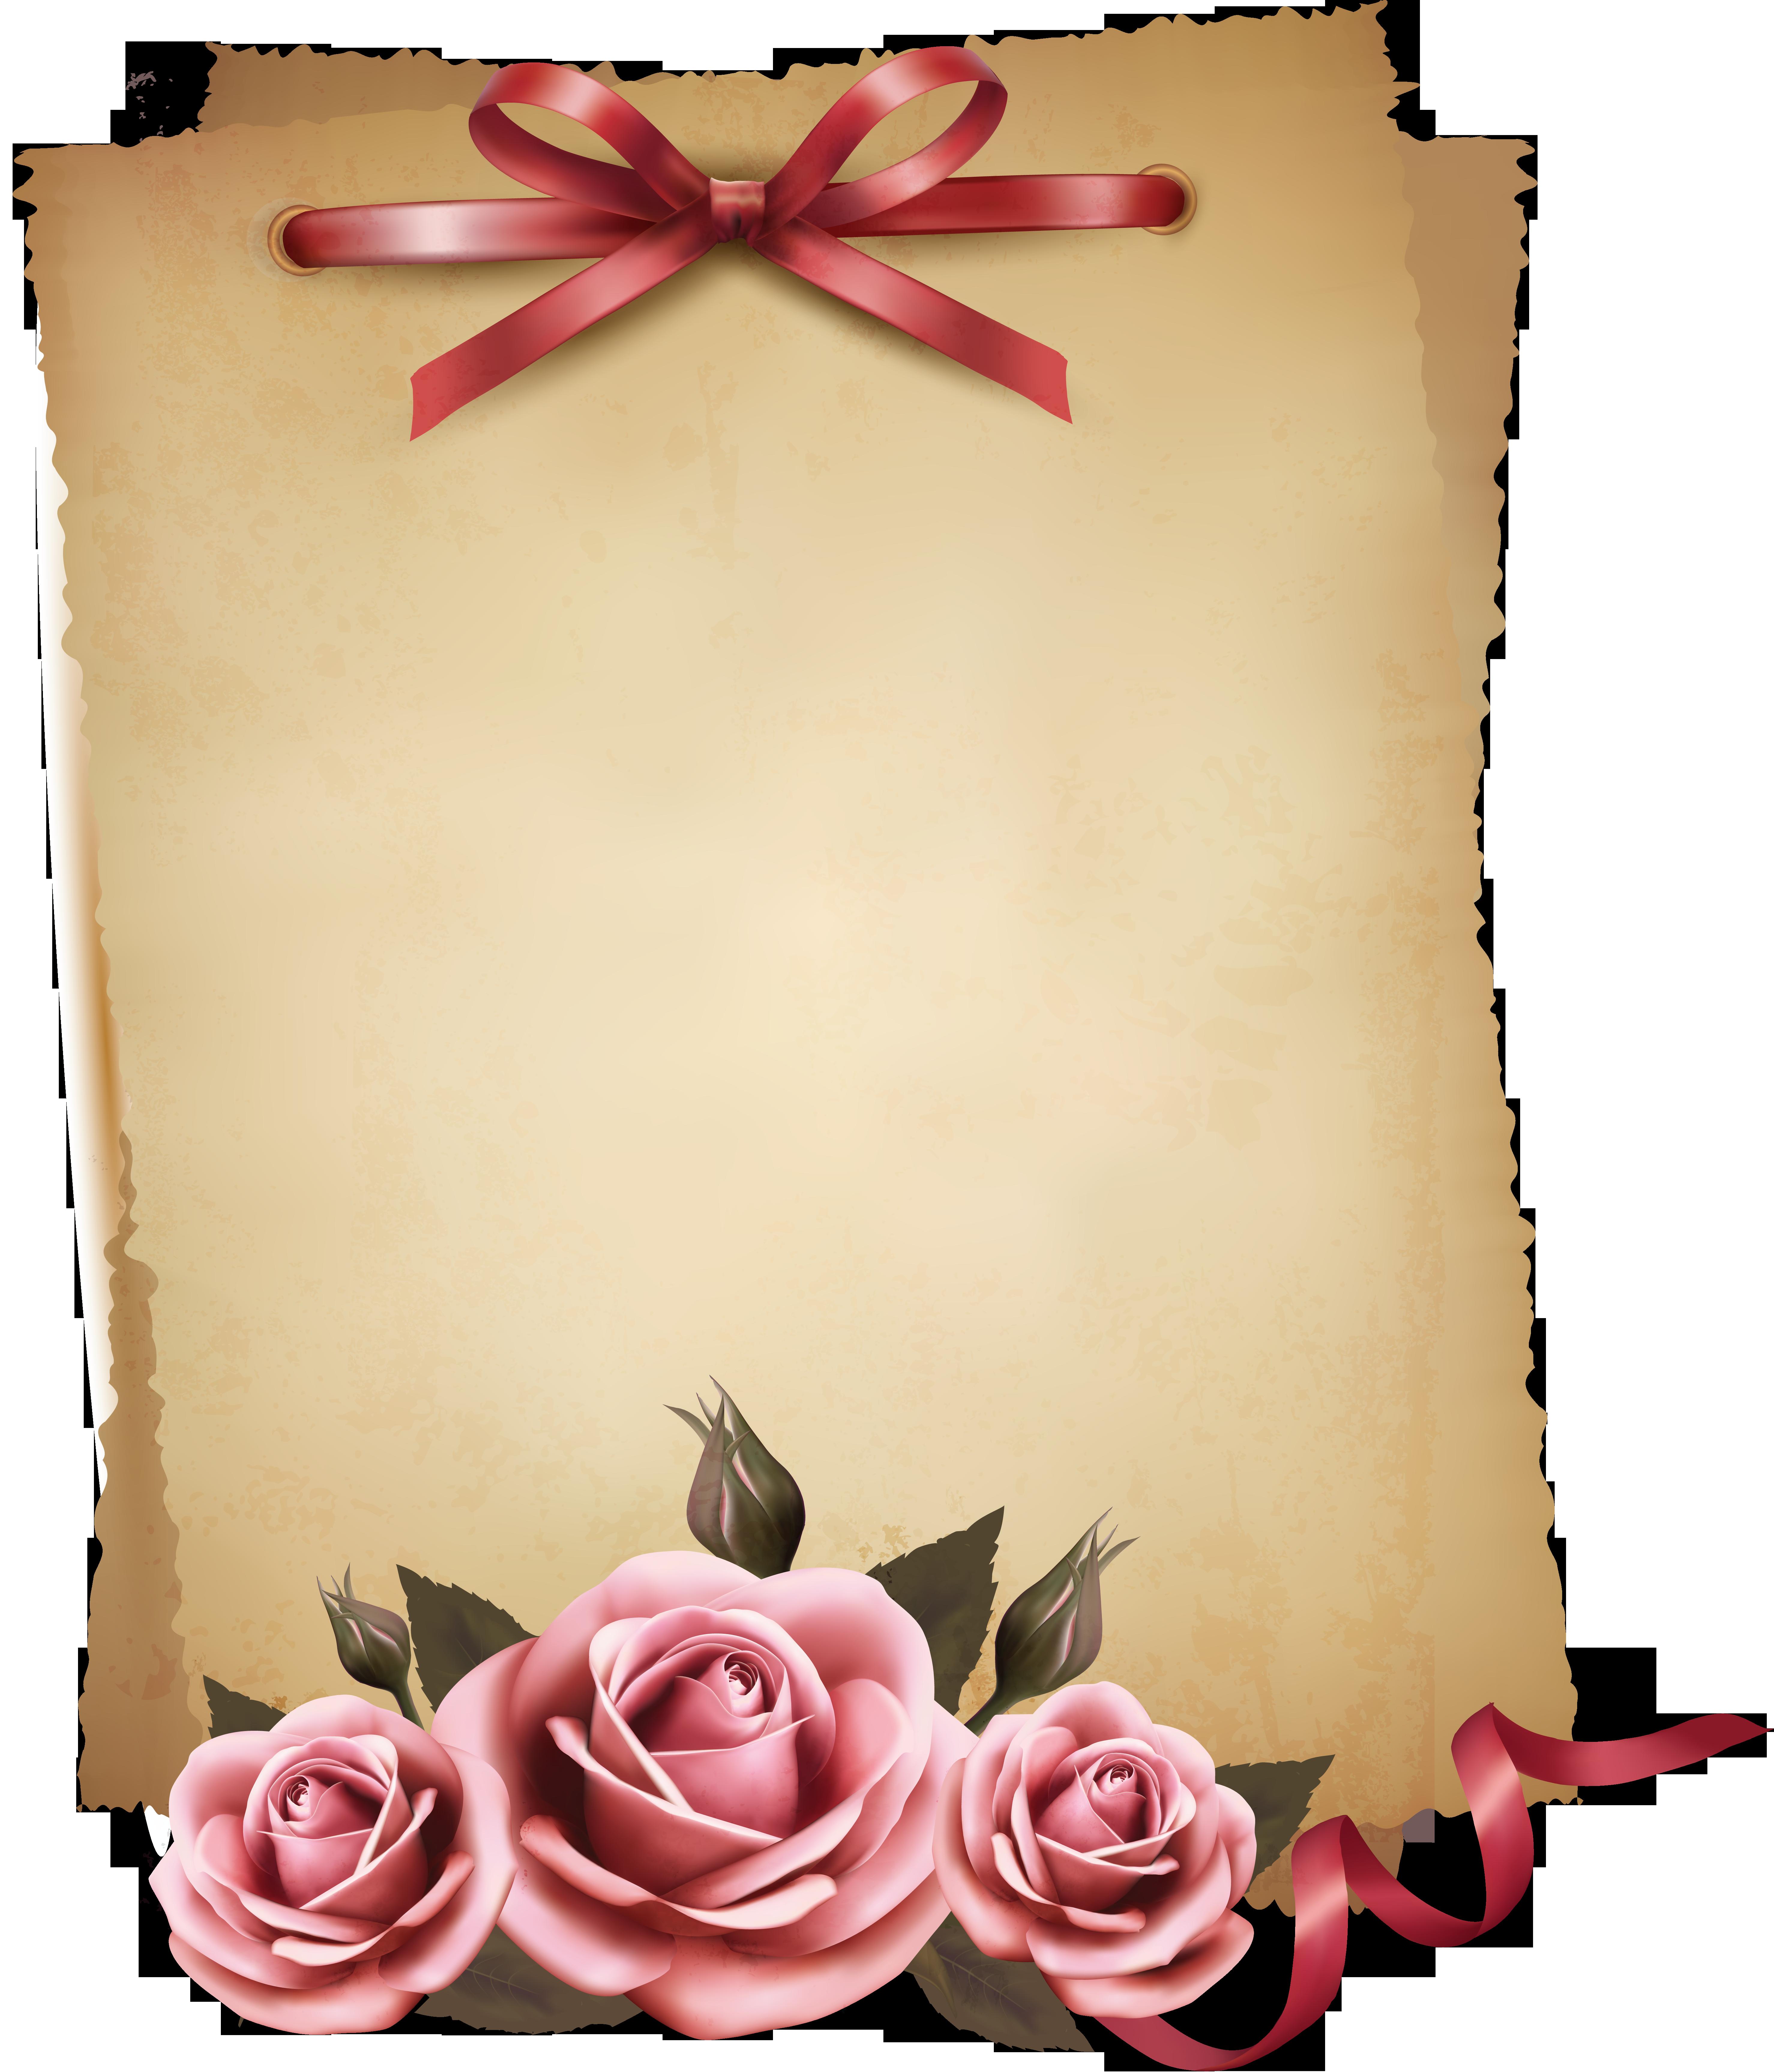 Картинки, чистые открытки для поздравления без надписи